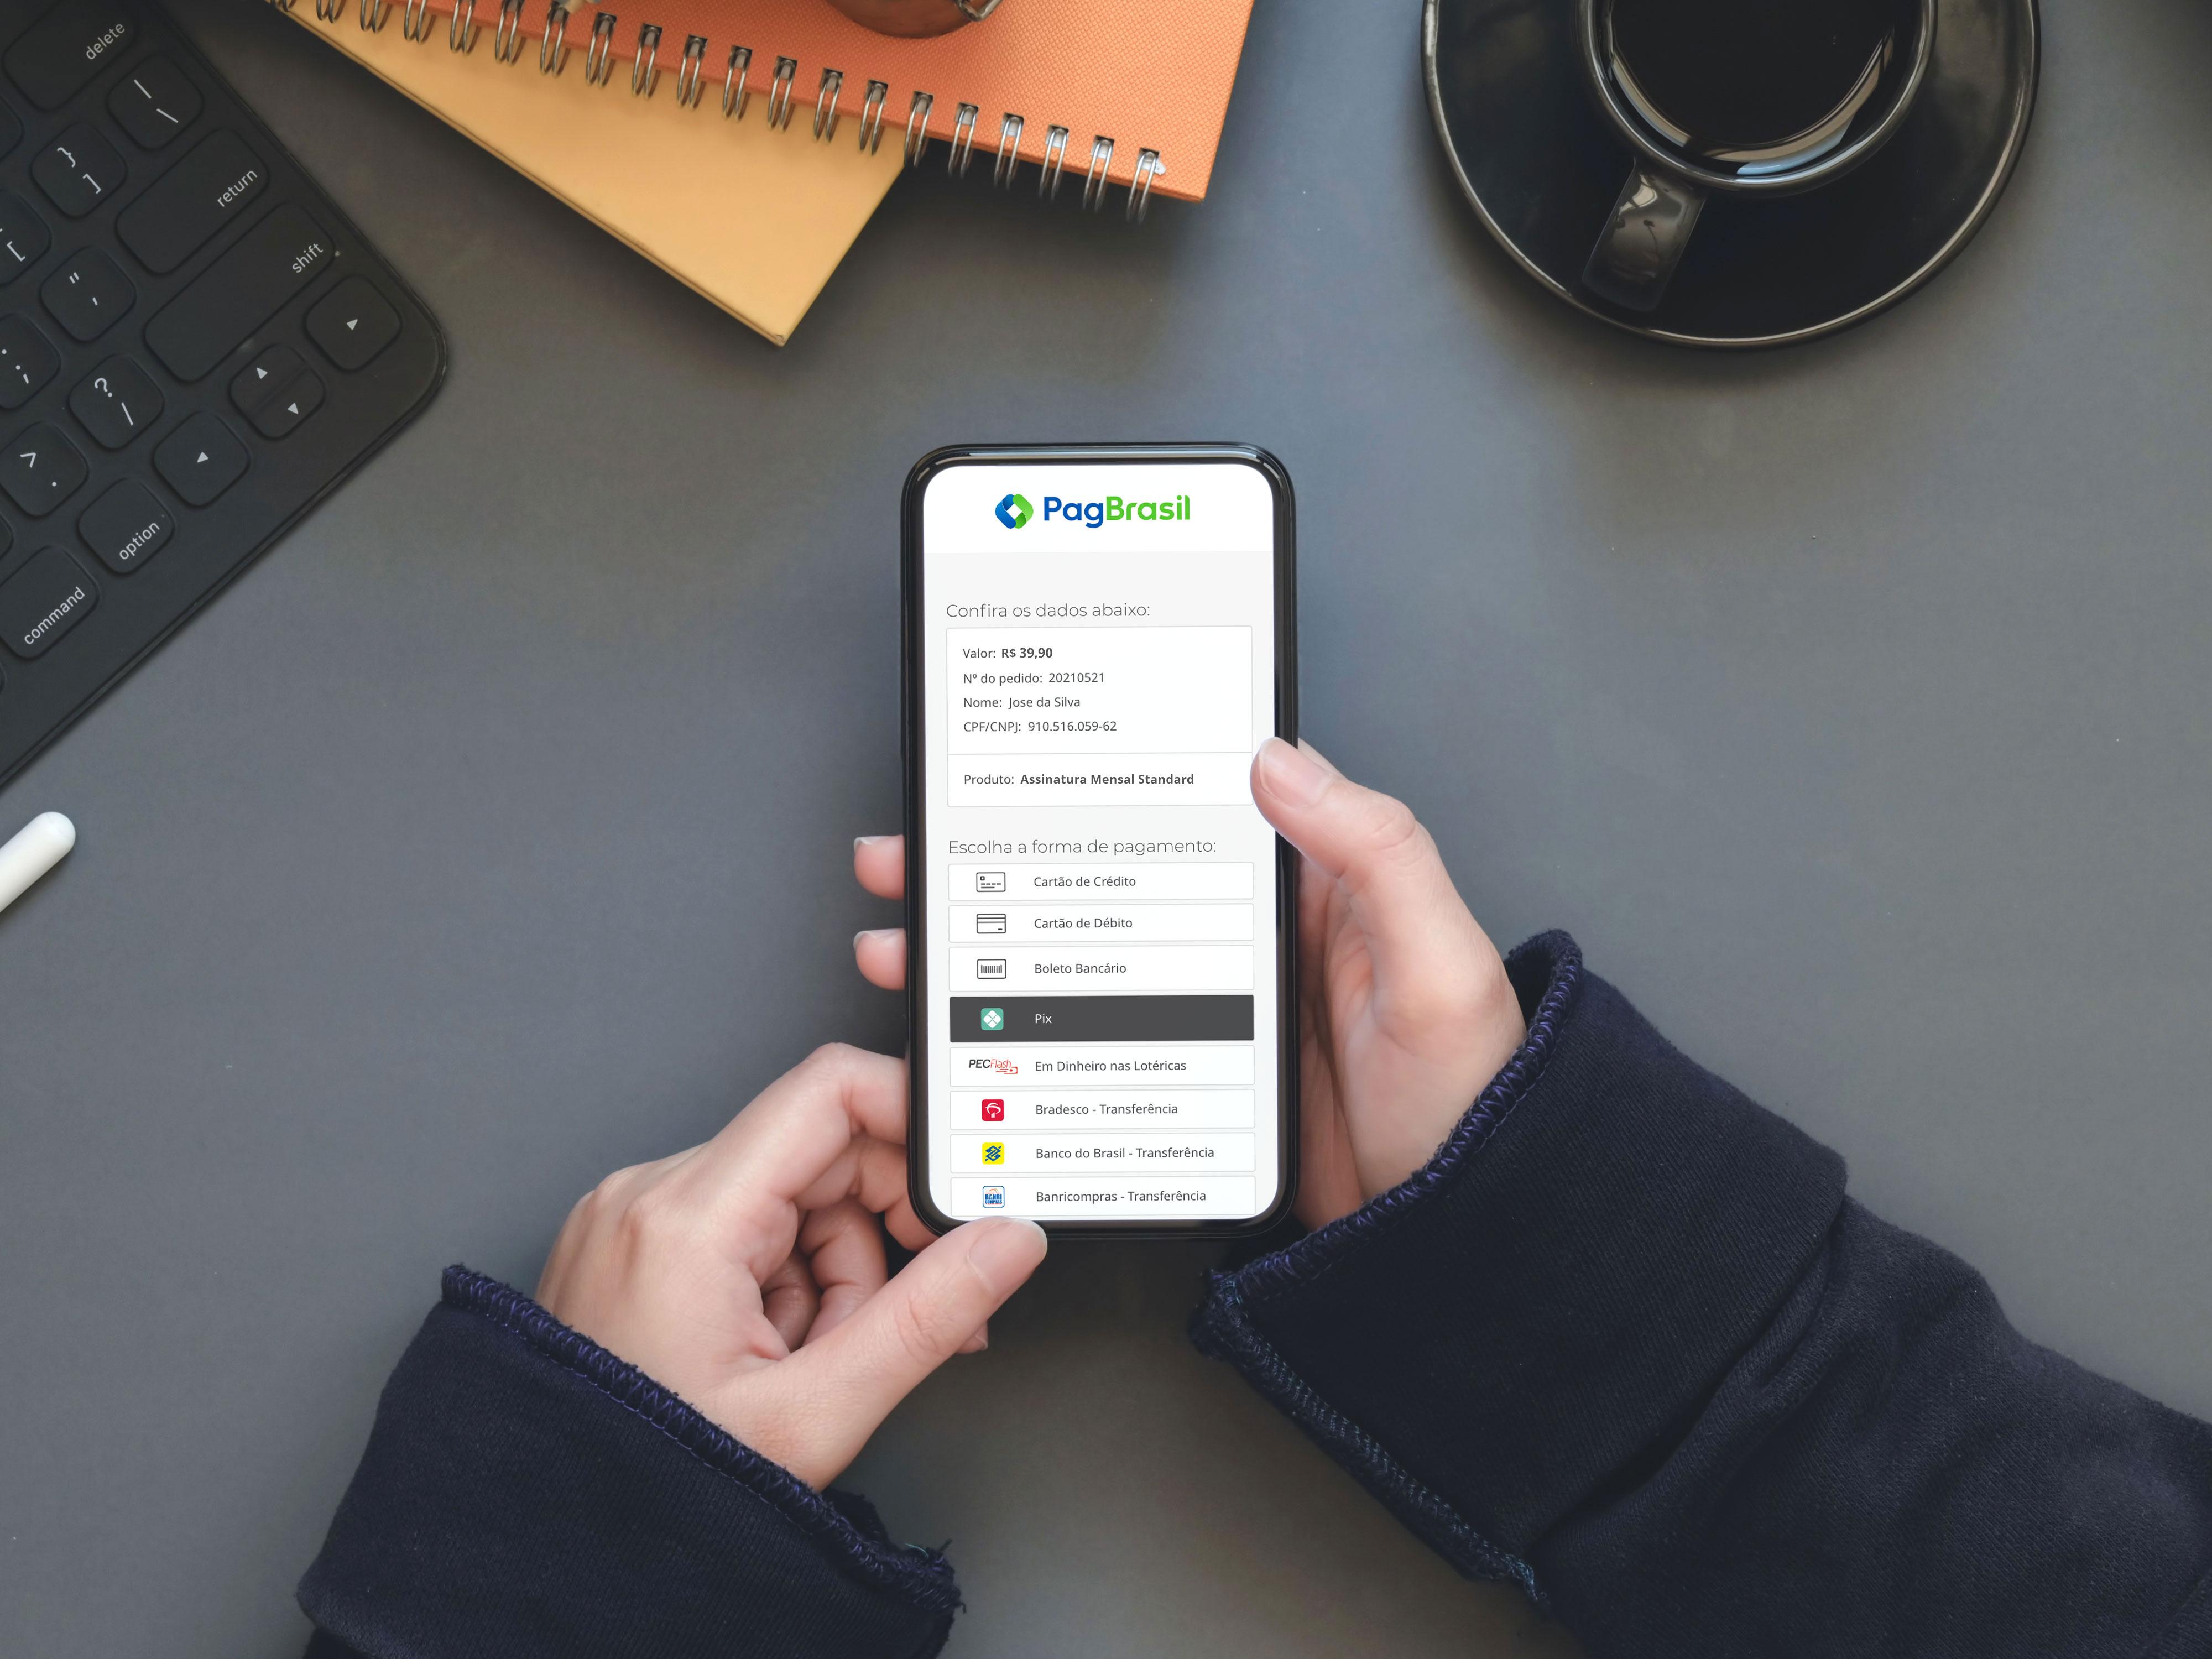 PagBrasil lança duas soluções para Pix: pagamentos recorrentes e cobrança com link de pagamento